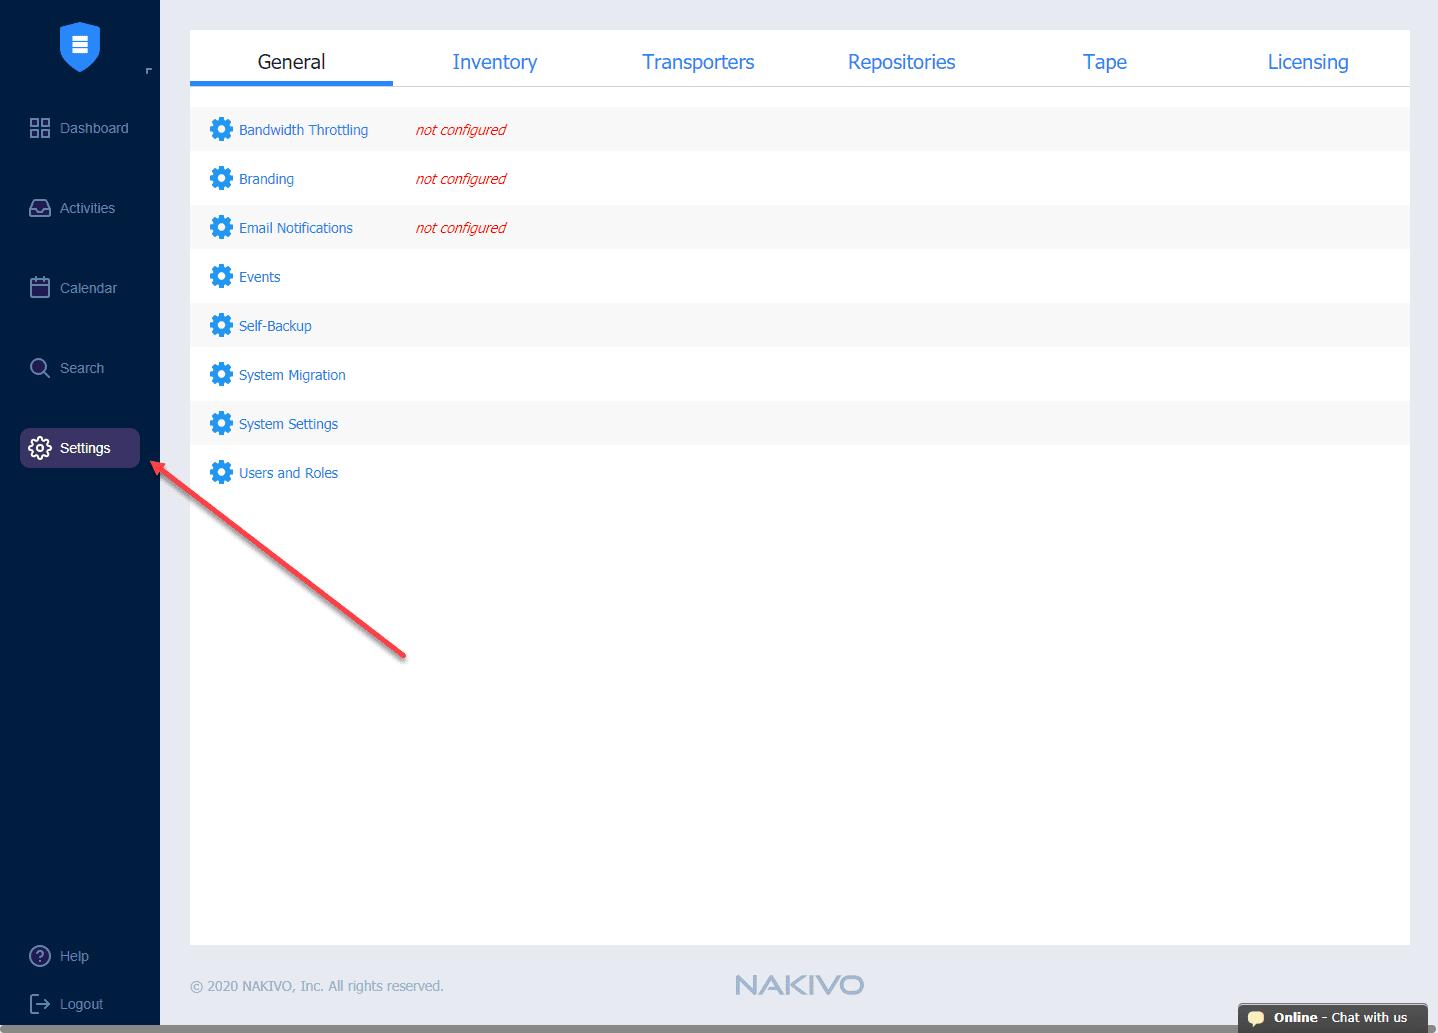 New-NAKIVO-Backup-and-Replication-v10-interface